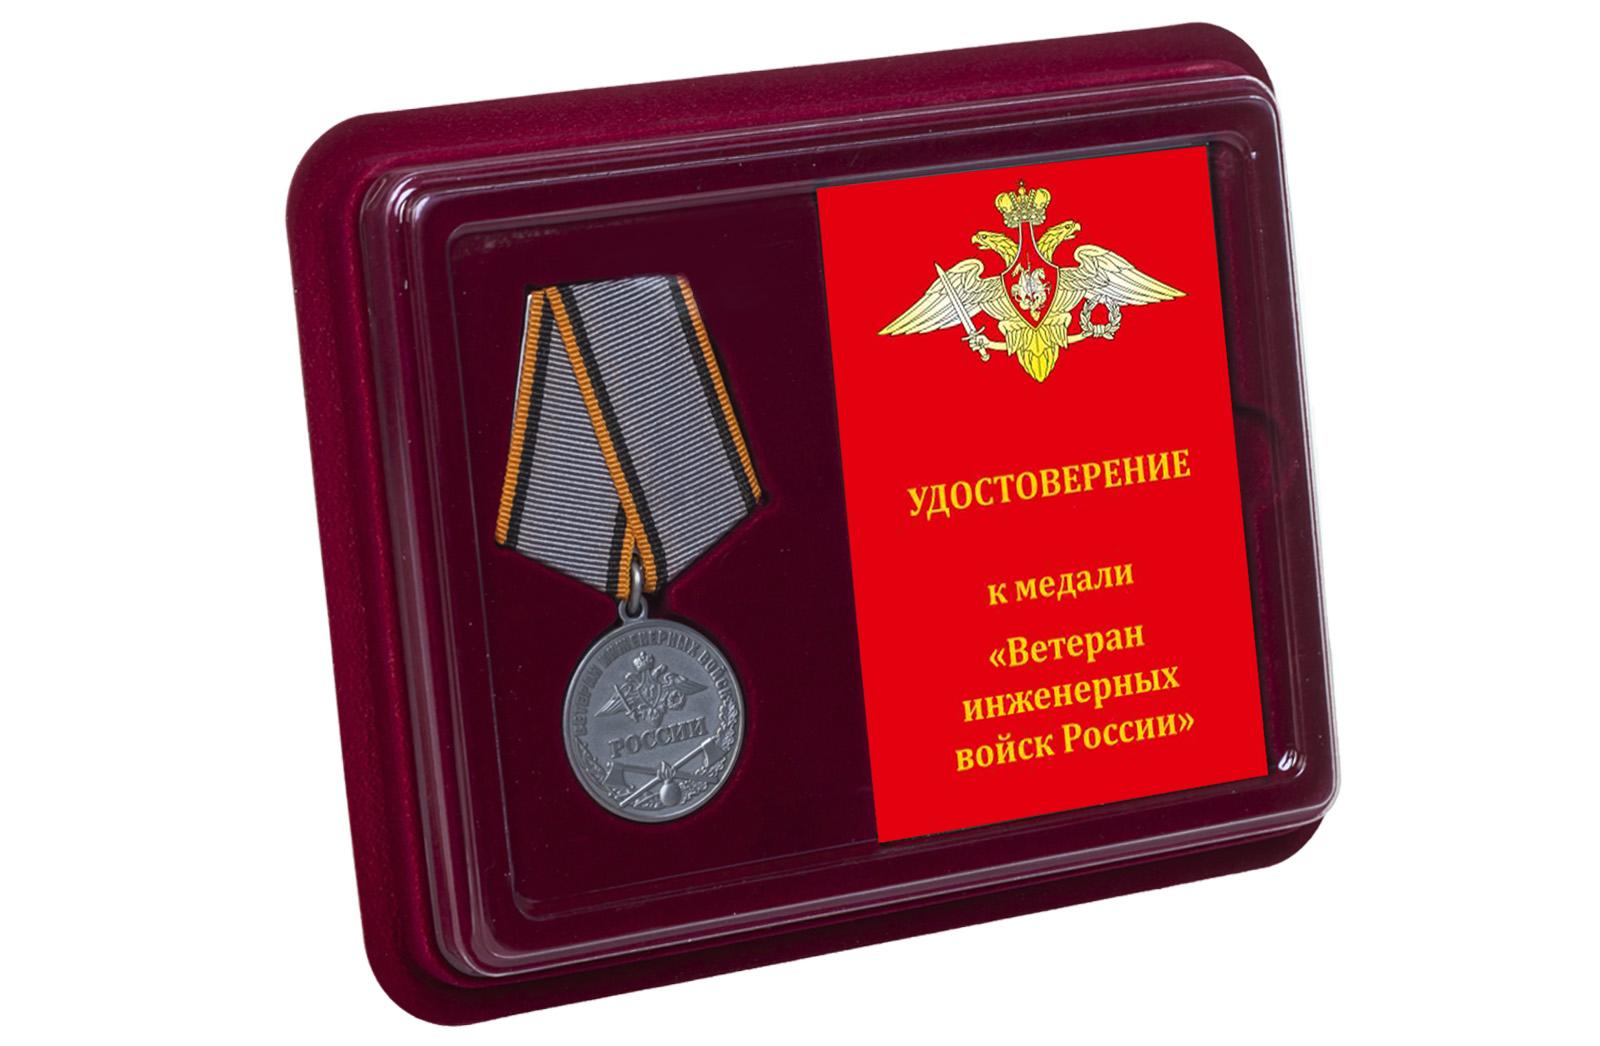 Купить общественную медаль Ветеран Инженерных войск оптом или в розницу